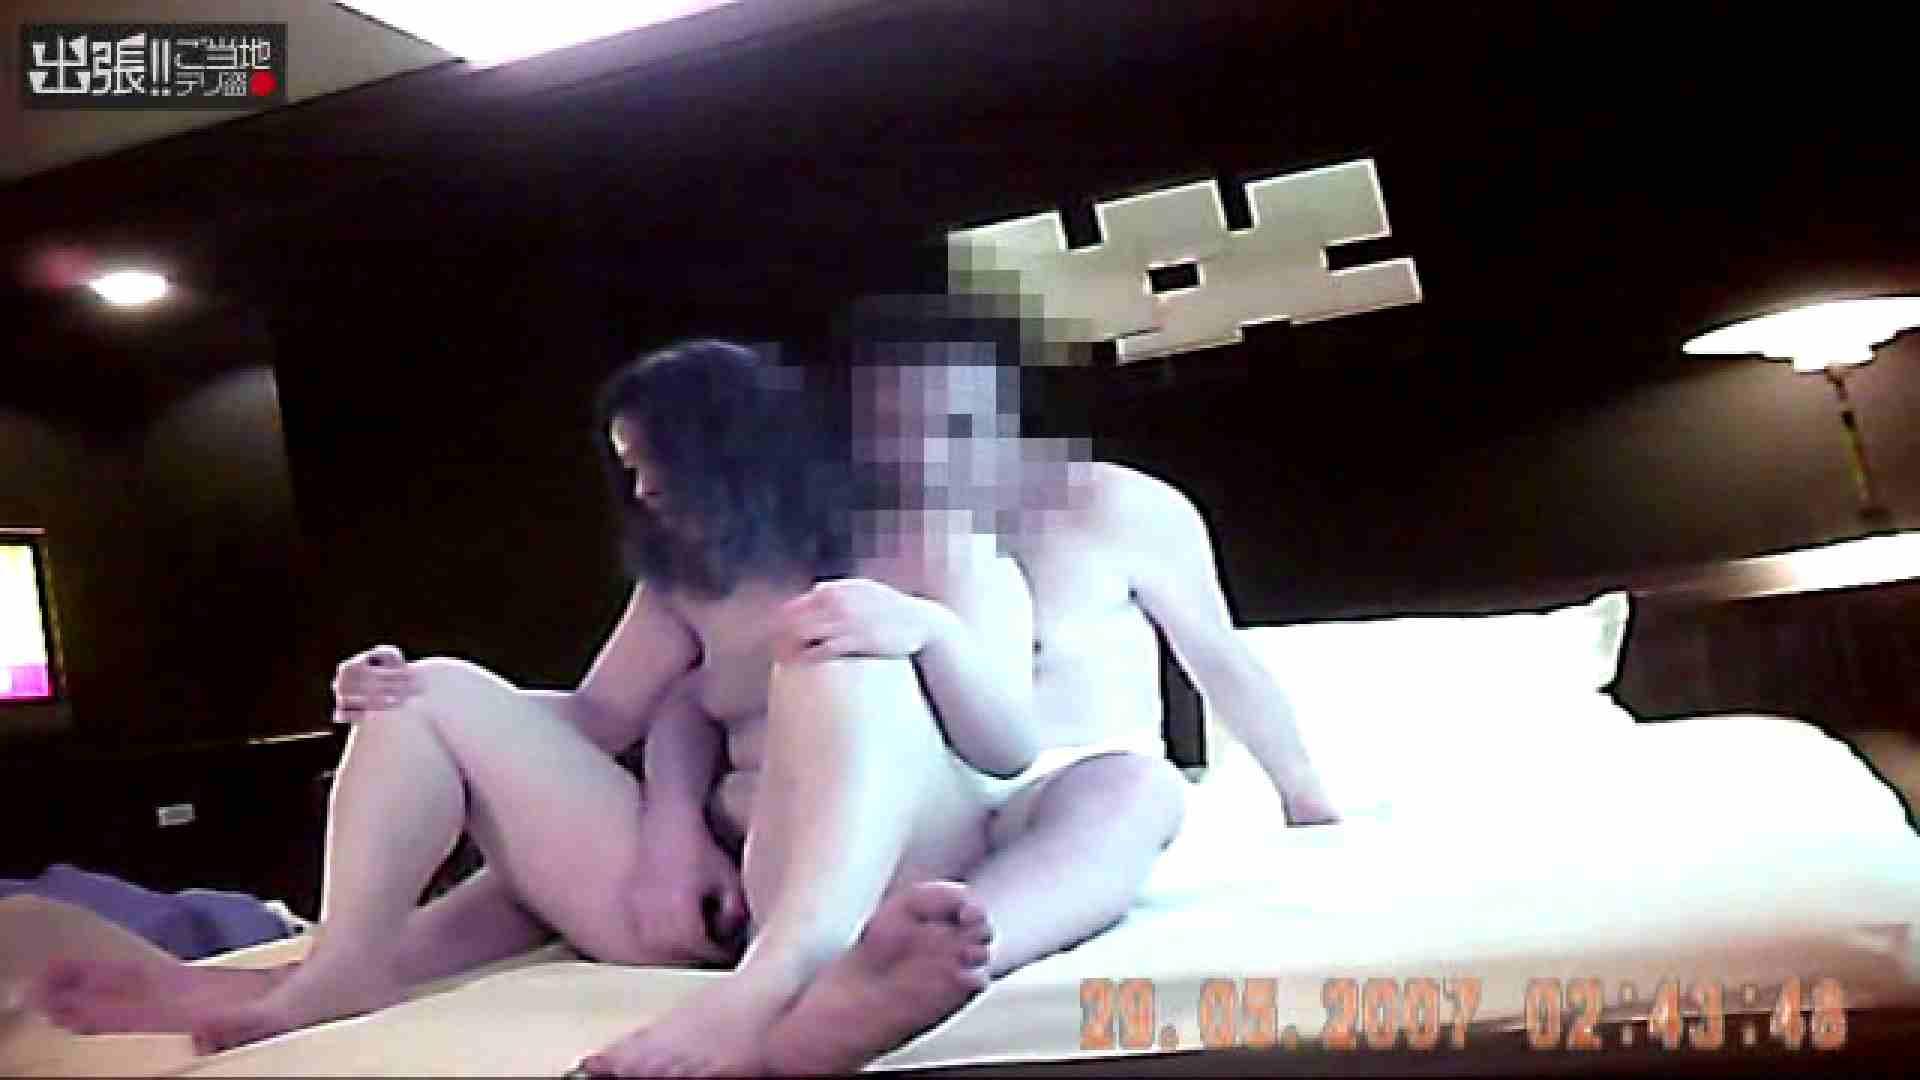 出張リーマンのデリ嬢隠し撮り第3弾vol.6 ギャル達のセックス | 隠撮  108画像 40